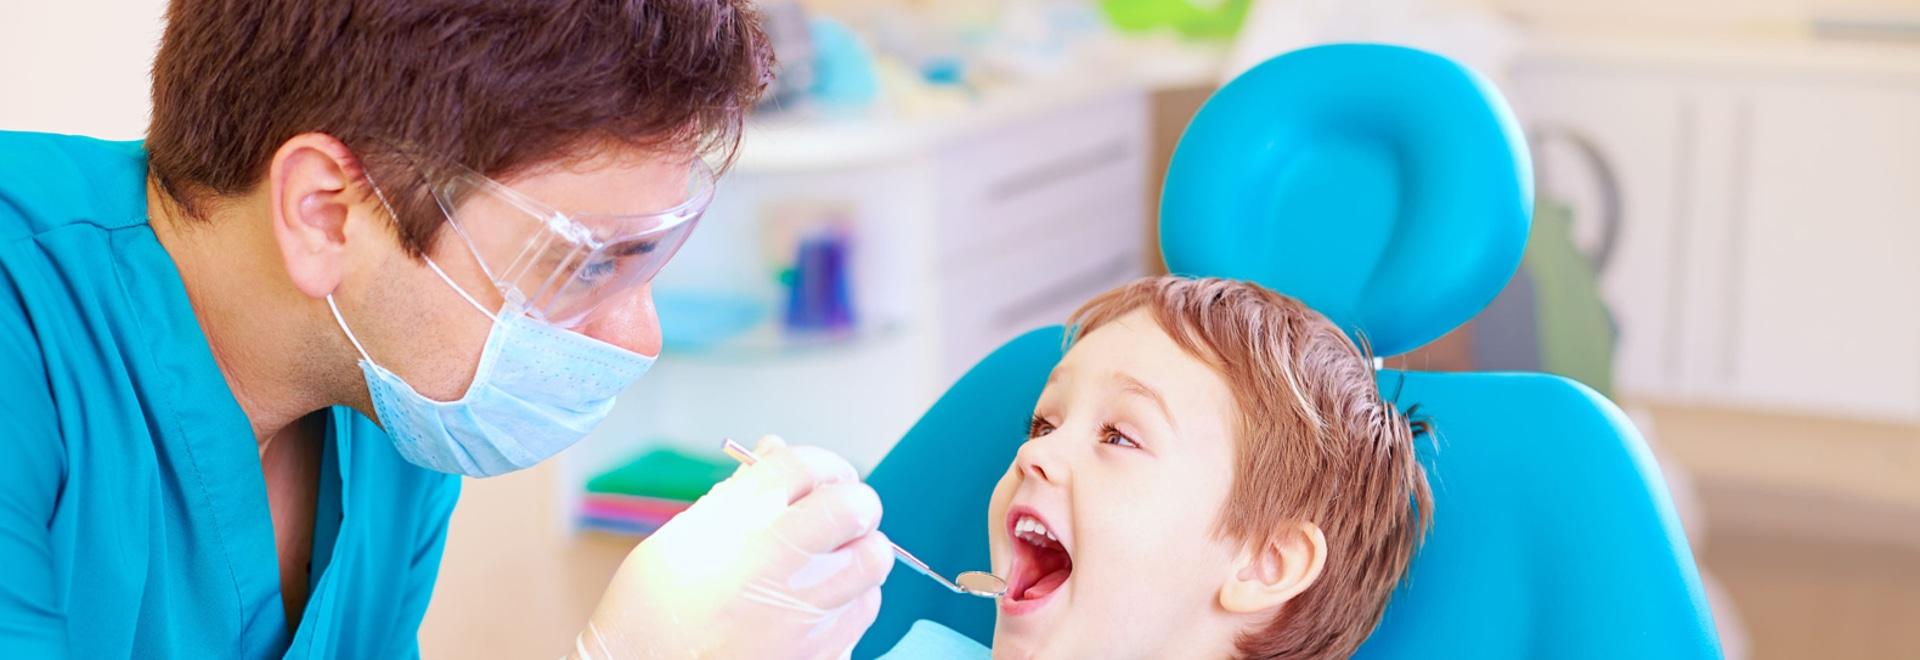 Los dentistas pediátricos crecerán un 60% en la próxima década